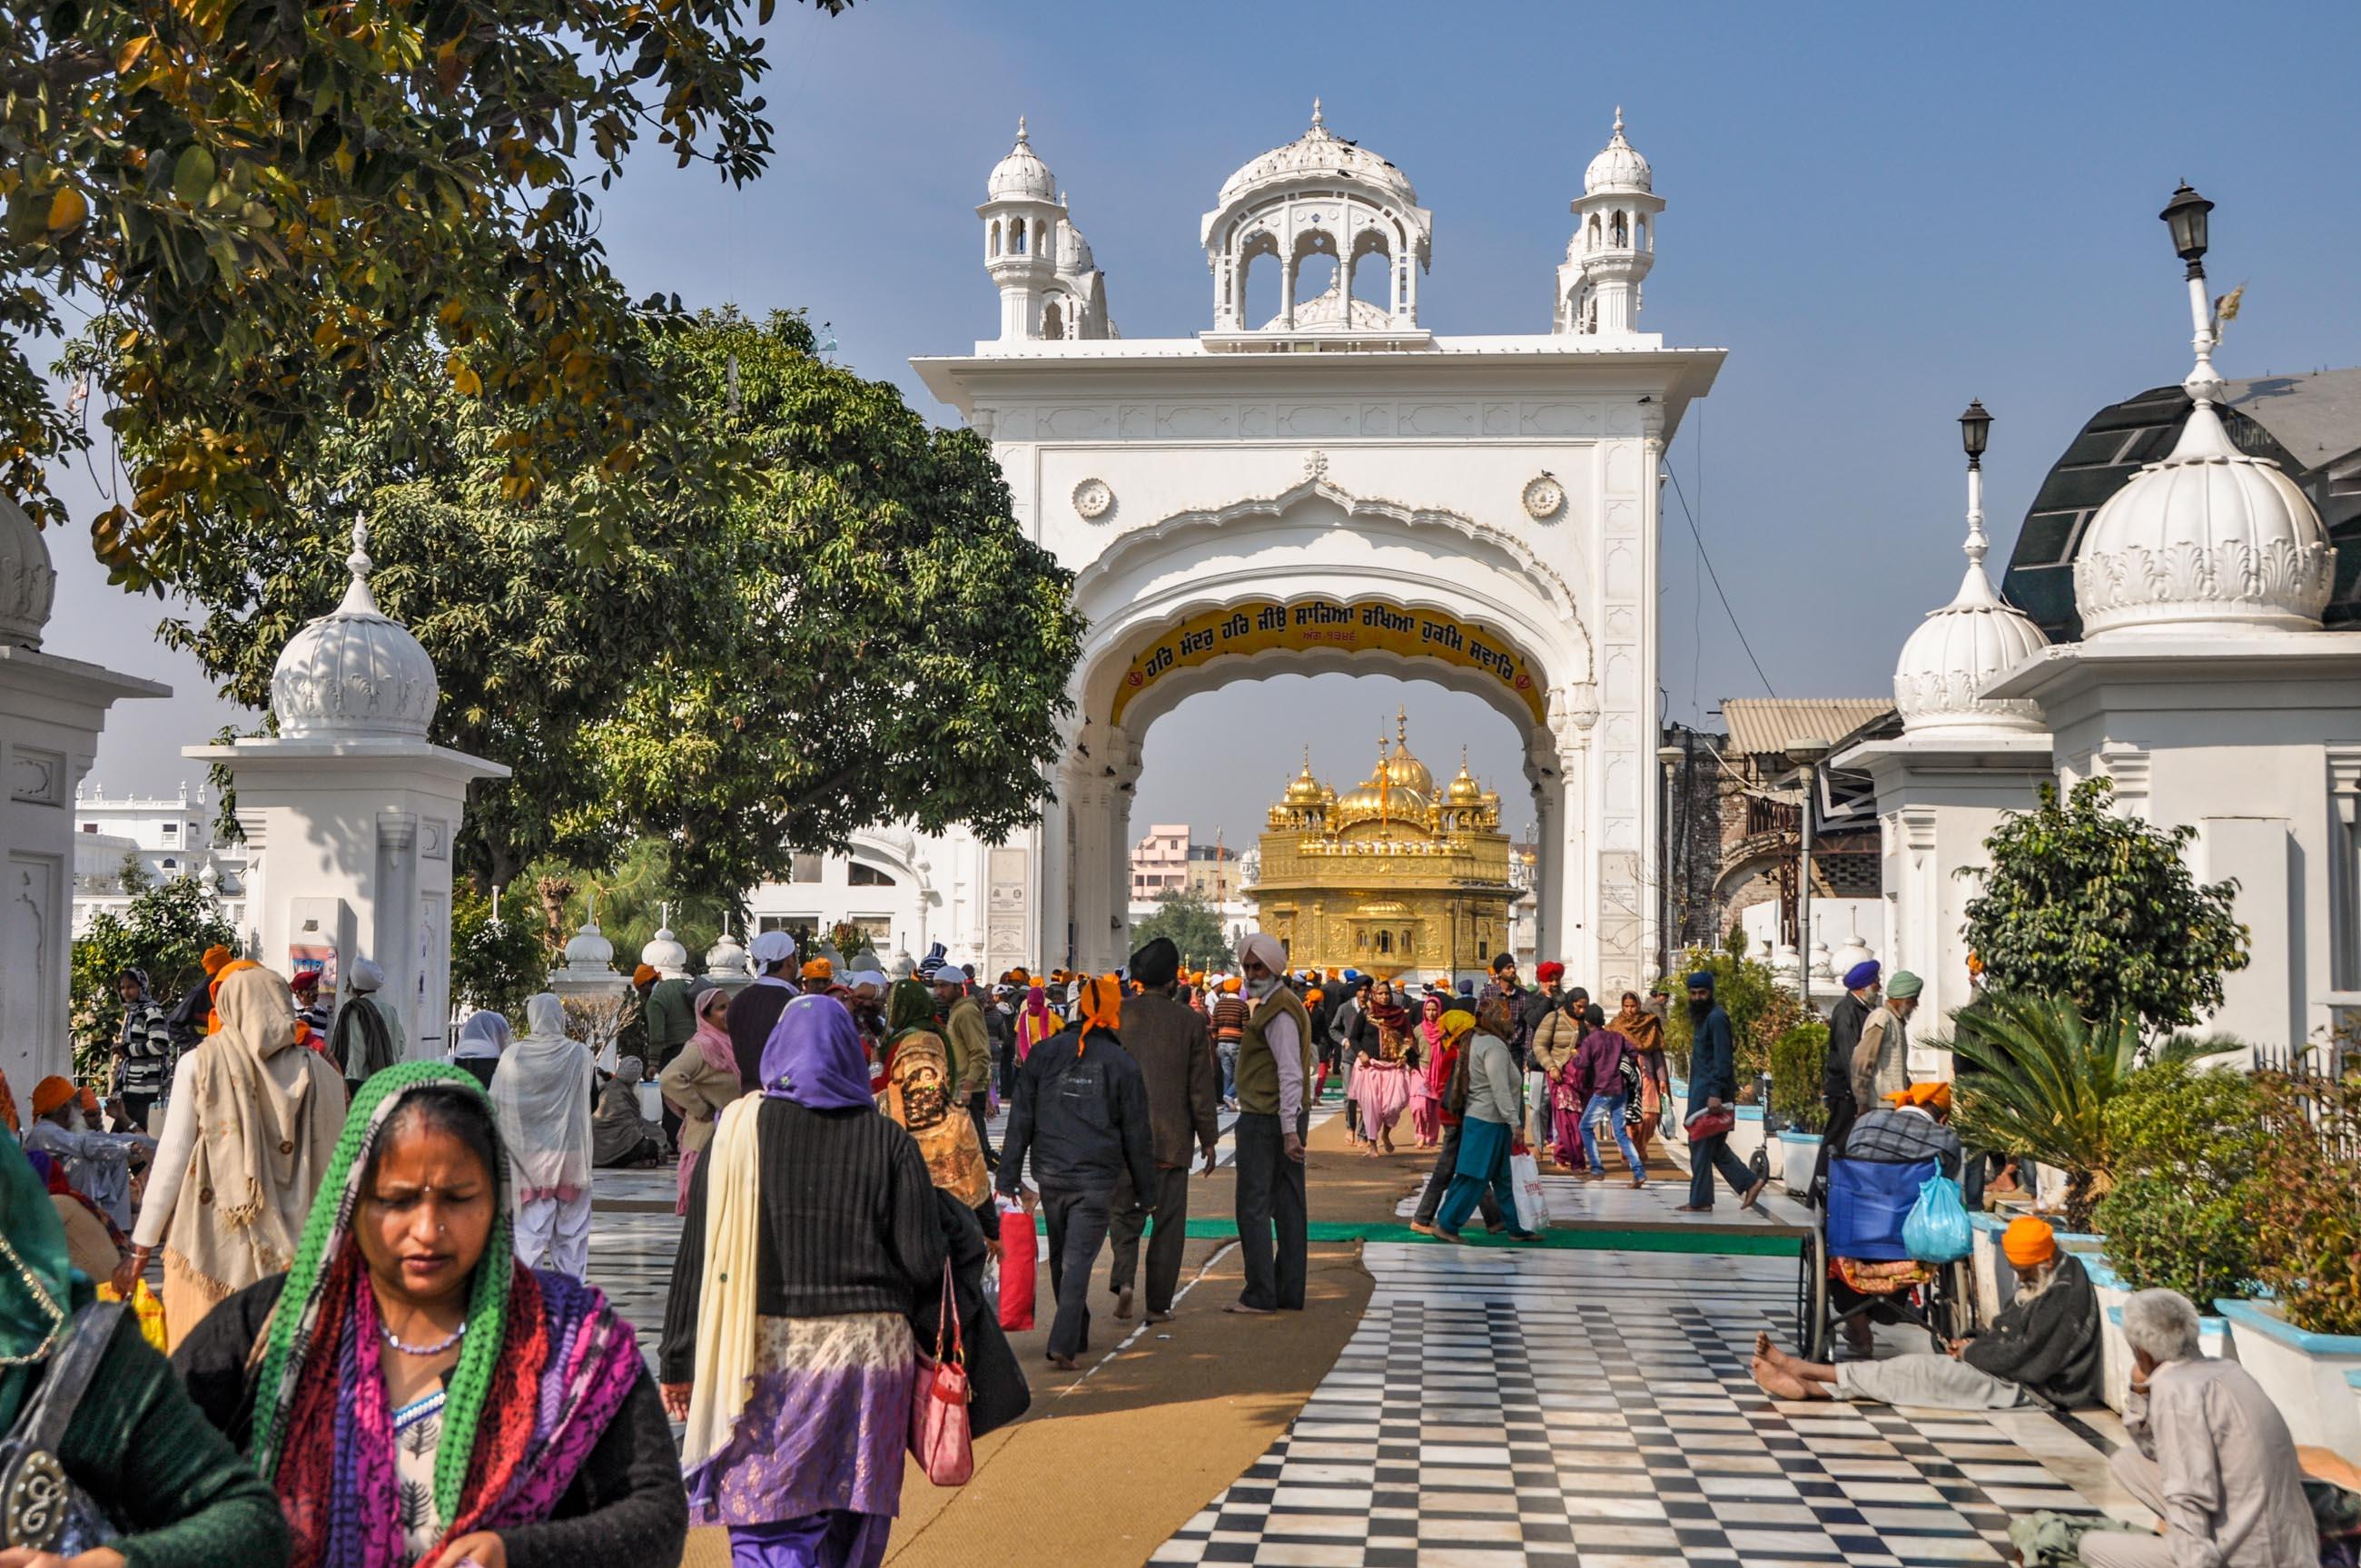 https://bubo.sk/uploads/galleries/3468/tomas_kubus_india_amritsar_dsc_0198.jpg